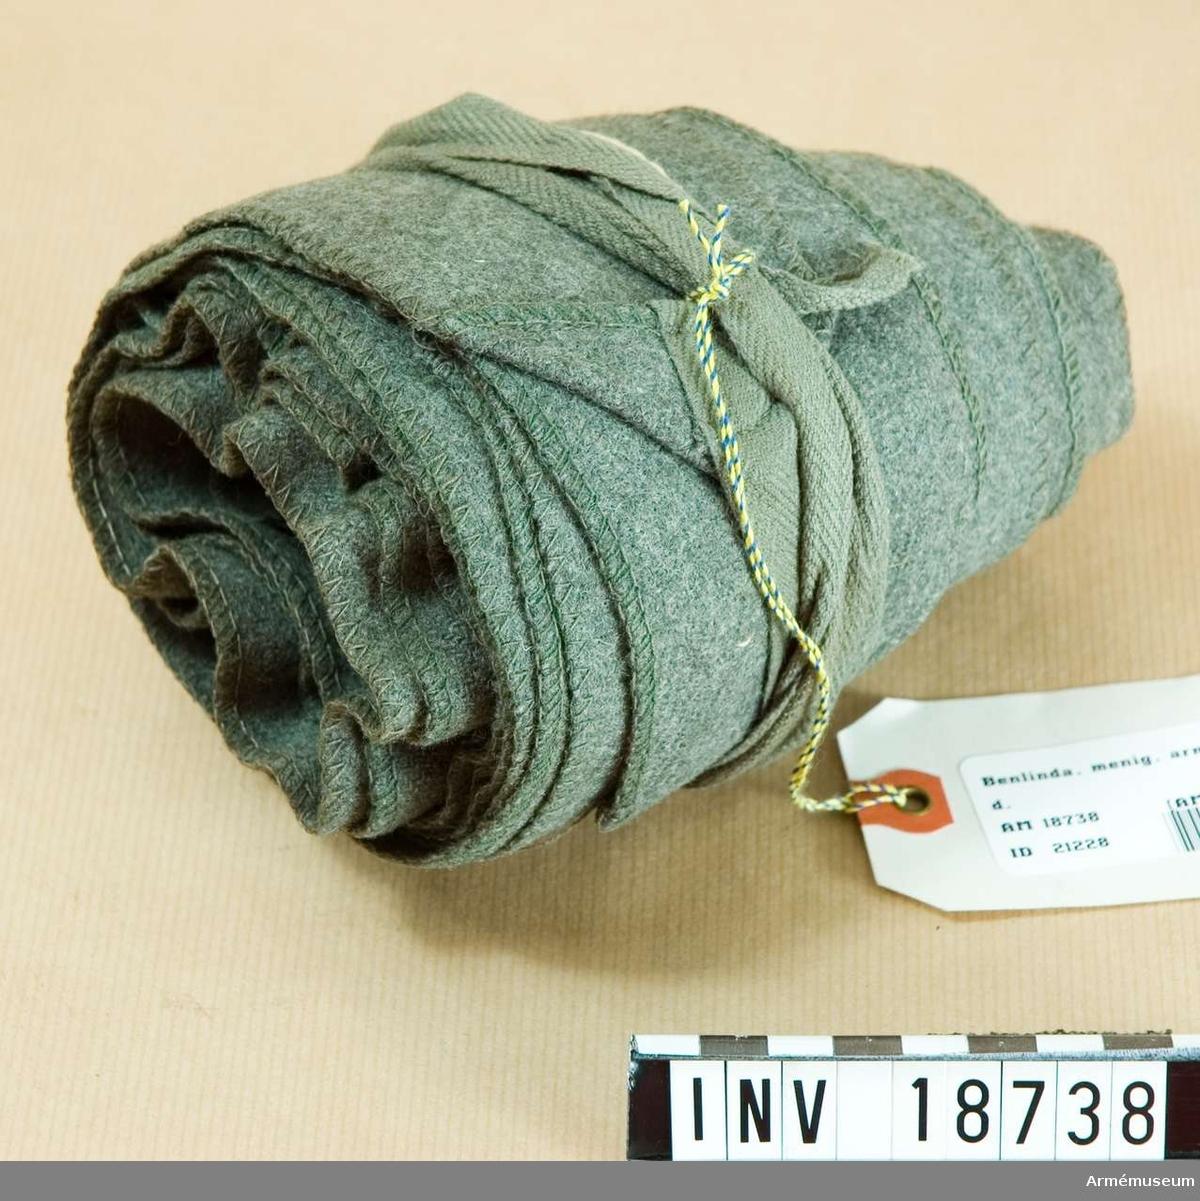 Grupp C I Uniform består av vapenrock, ridbyxa, uniformsmössa m/1912, kappa m/1912, benlindor, kängor, tornister, livrem, patronväskor, ränsel med väska. En långbindel av khakifärgat kläde, b:75 mm, med bomullsband på ändarna i samma färg.   Samhörande nr är AM.18734-43, 20138